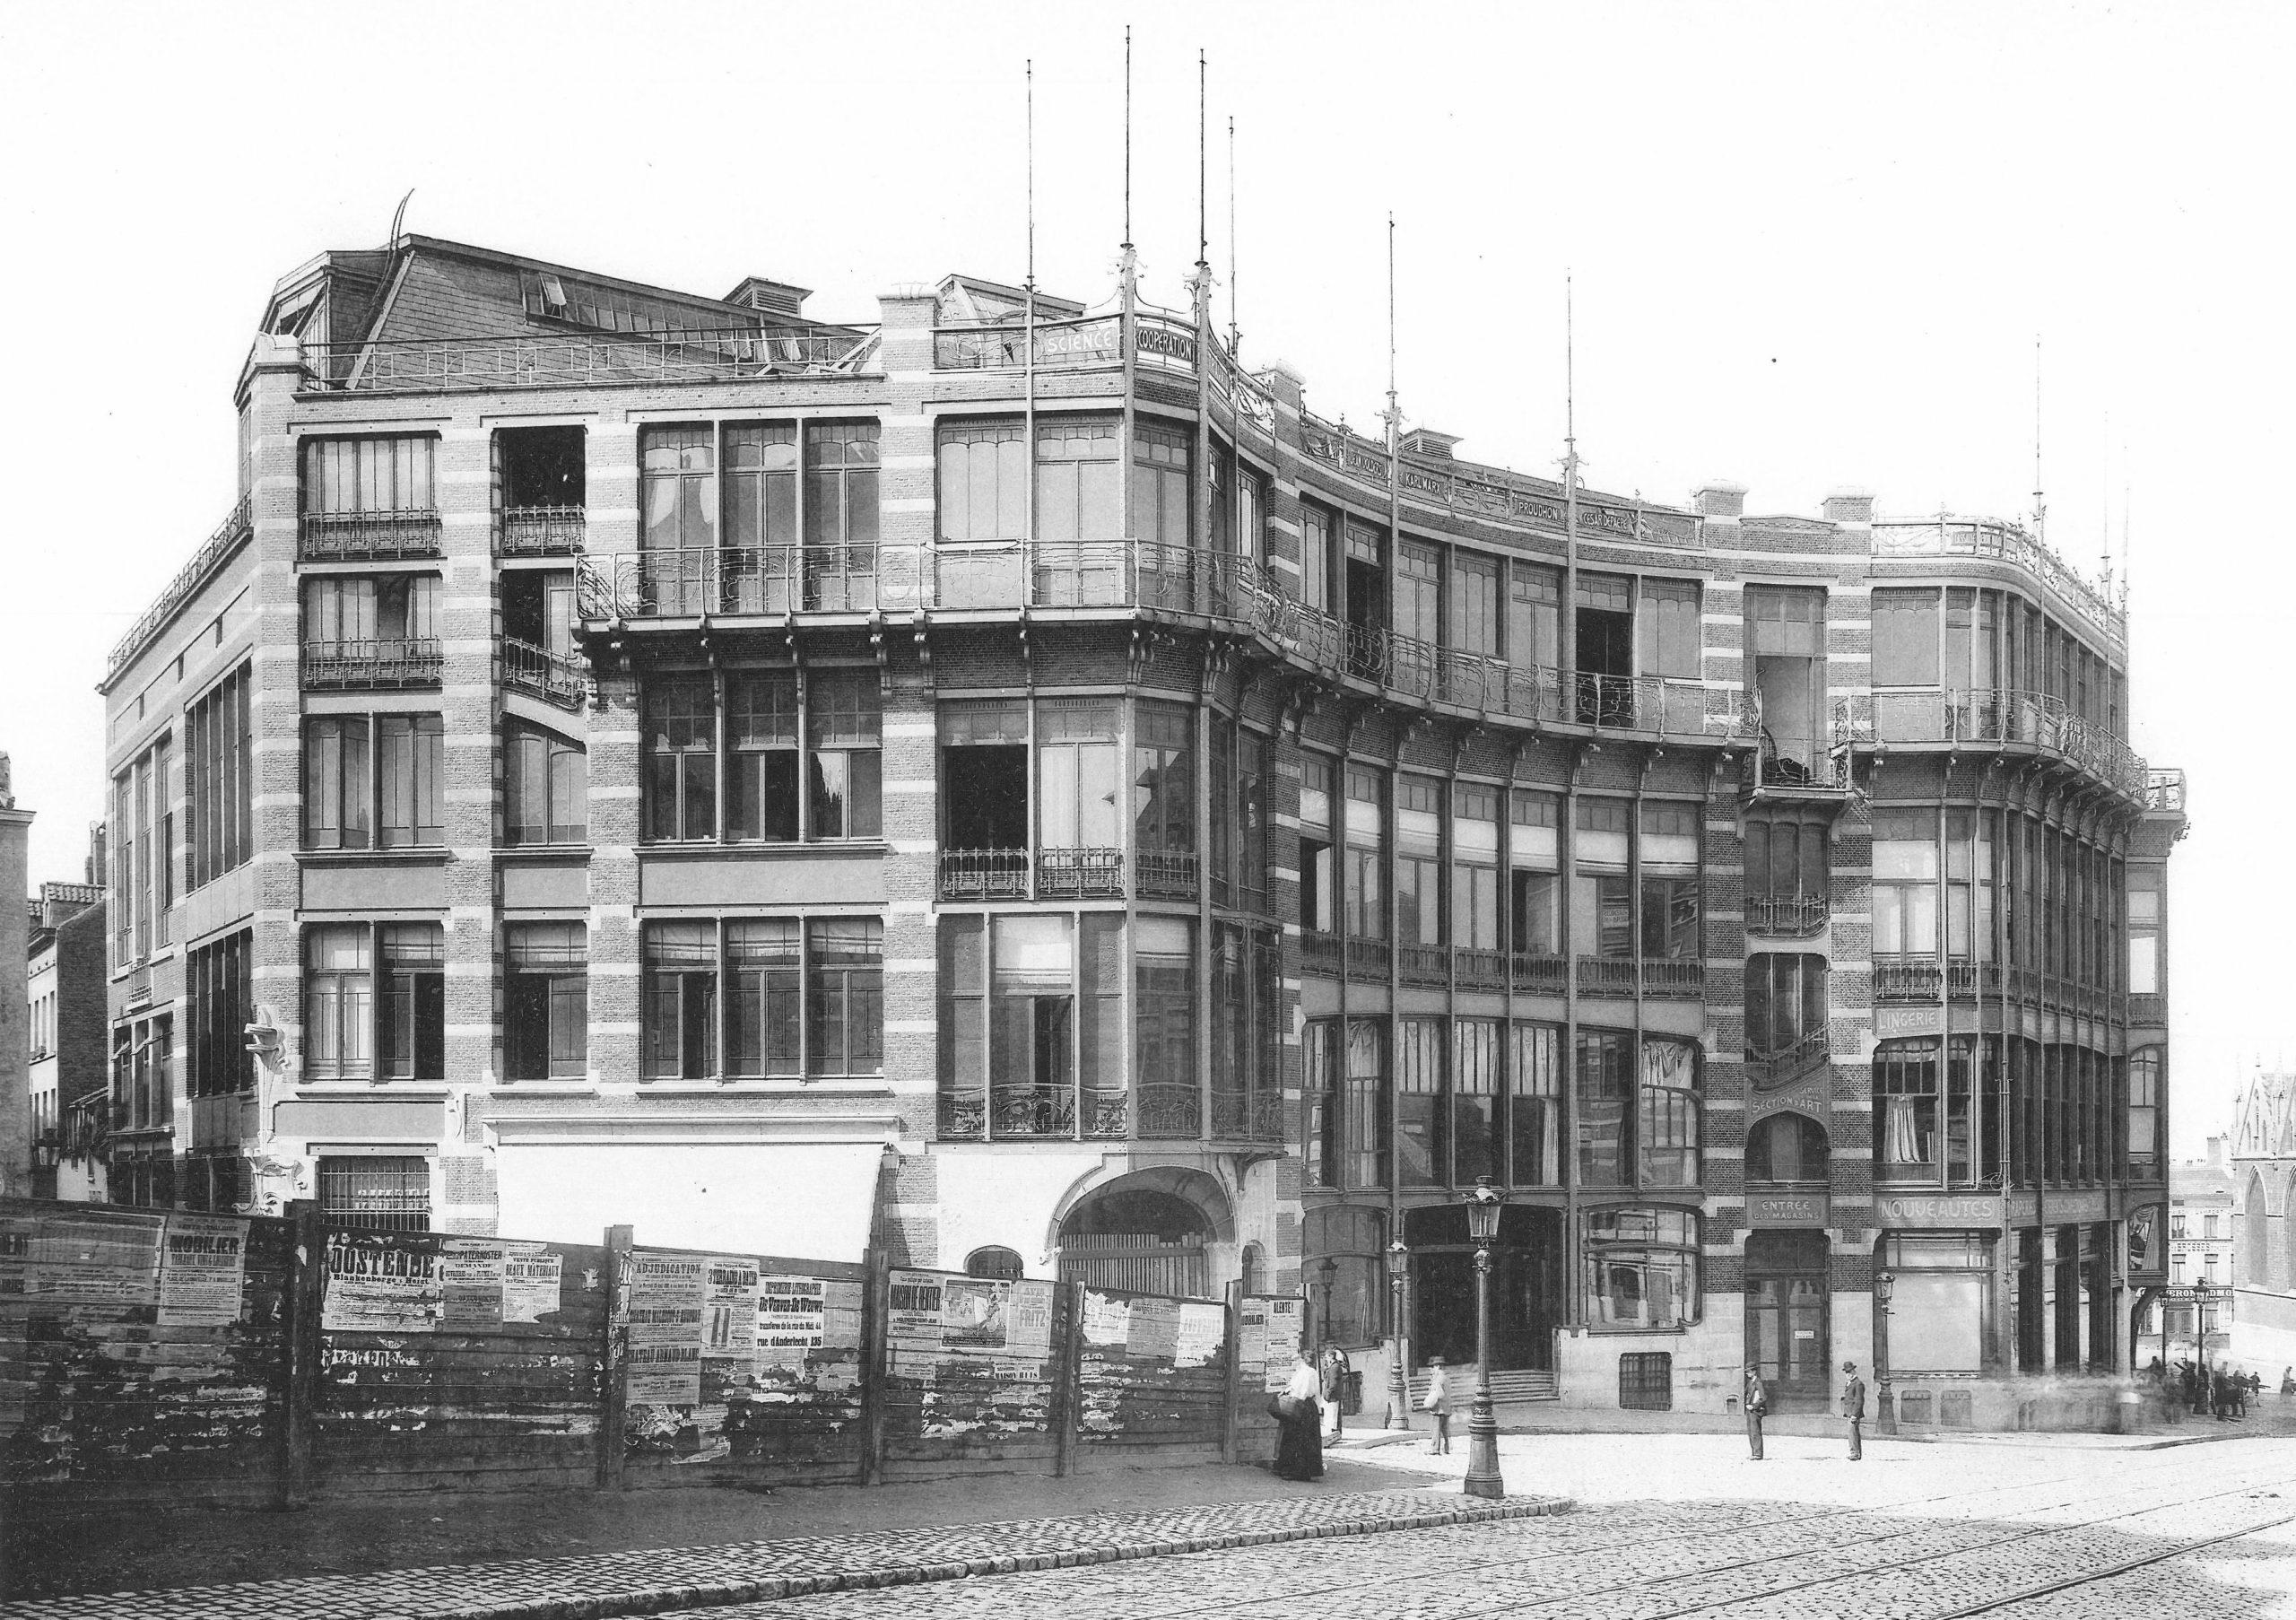 Victor Horta, Maison du Peuple, Brussels, 1899 (demolished)